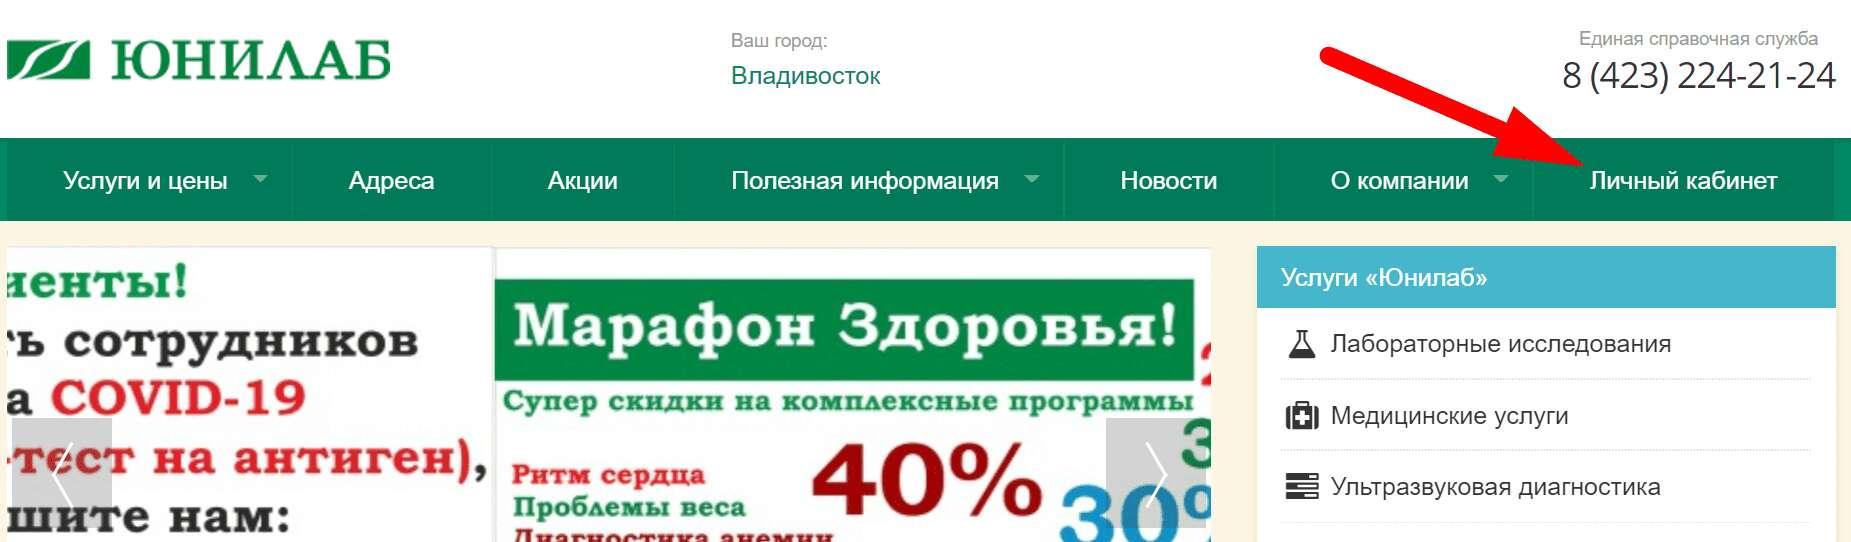 Ссылка на сайт независимой медицинской лаборатории «Юнилаб»